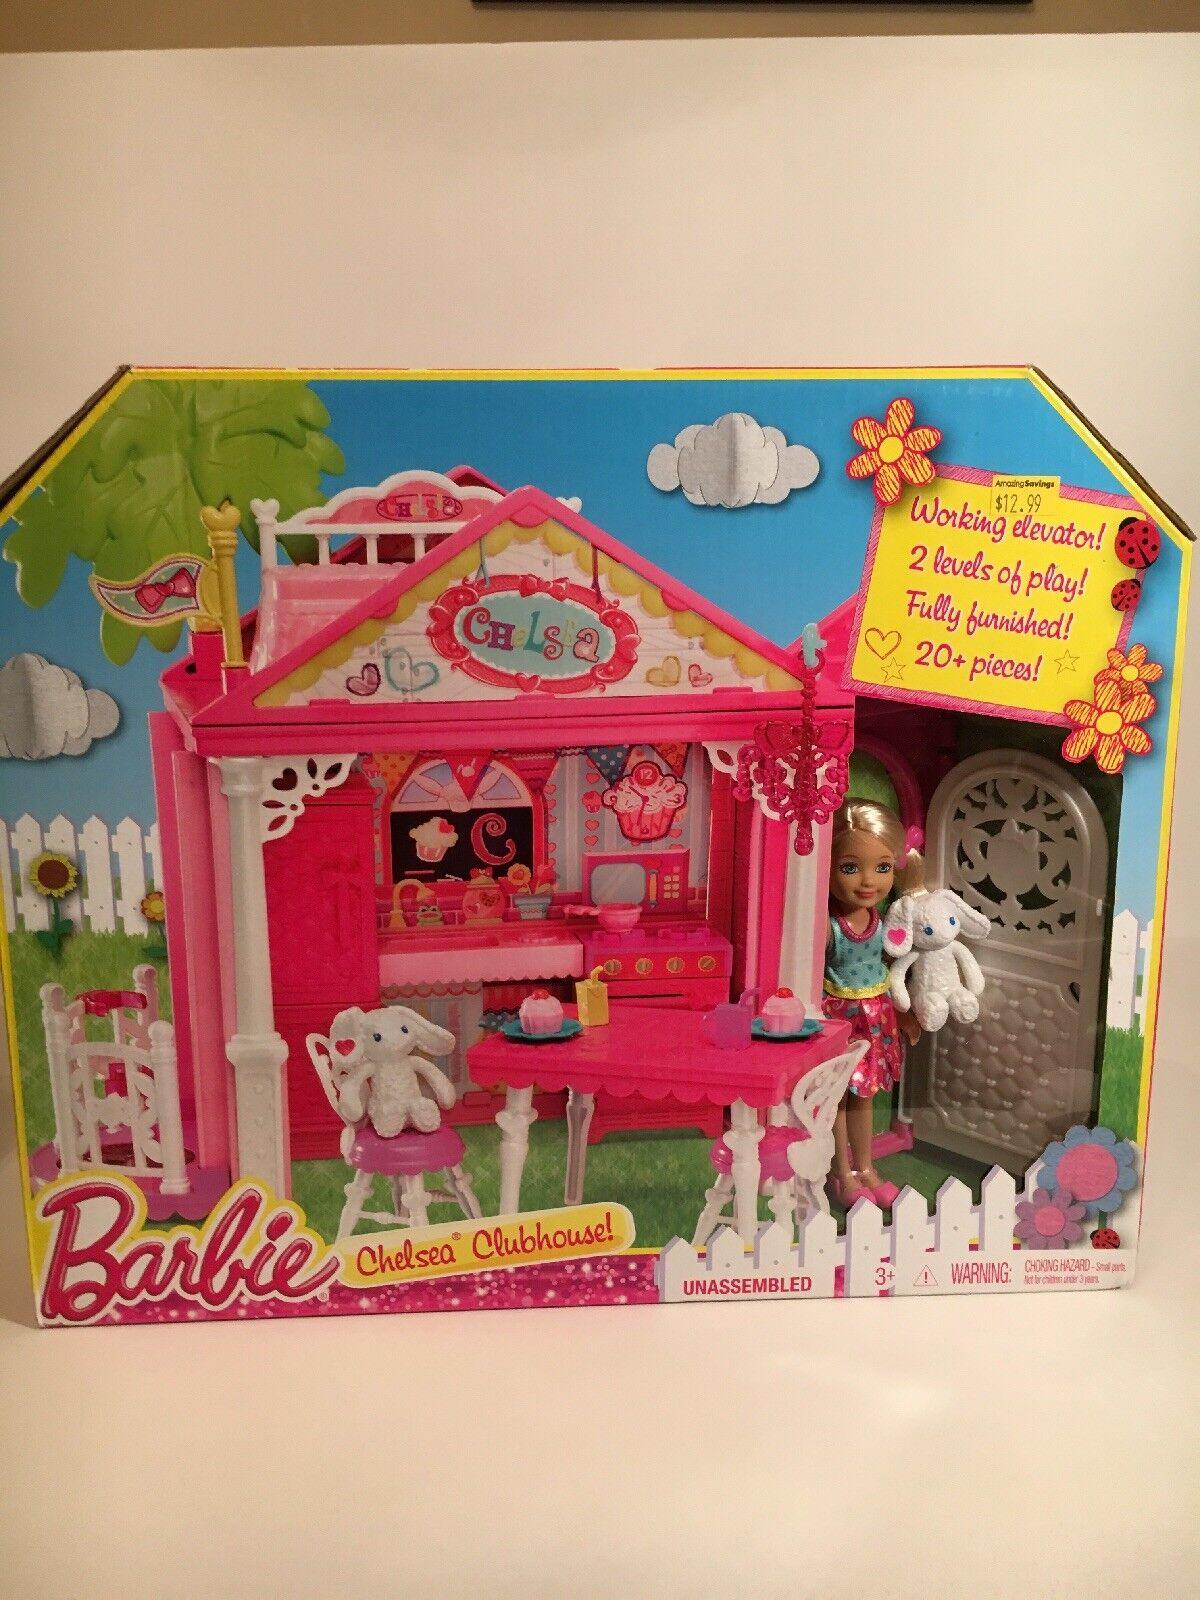 Barbie chelsea clubhaus - mattel 2013 - hersteller - feder abgebrochen